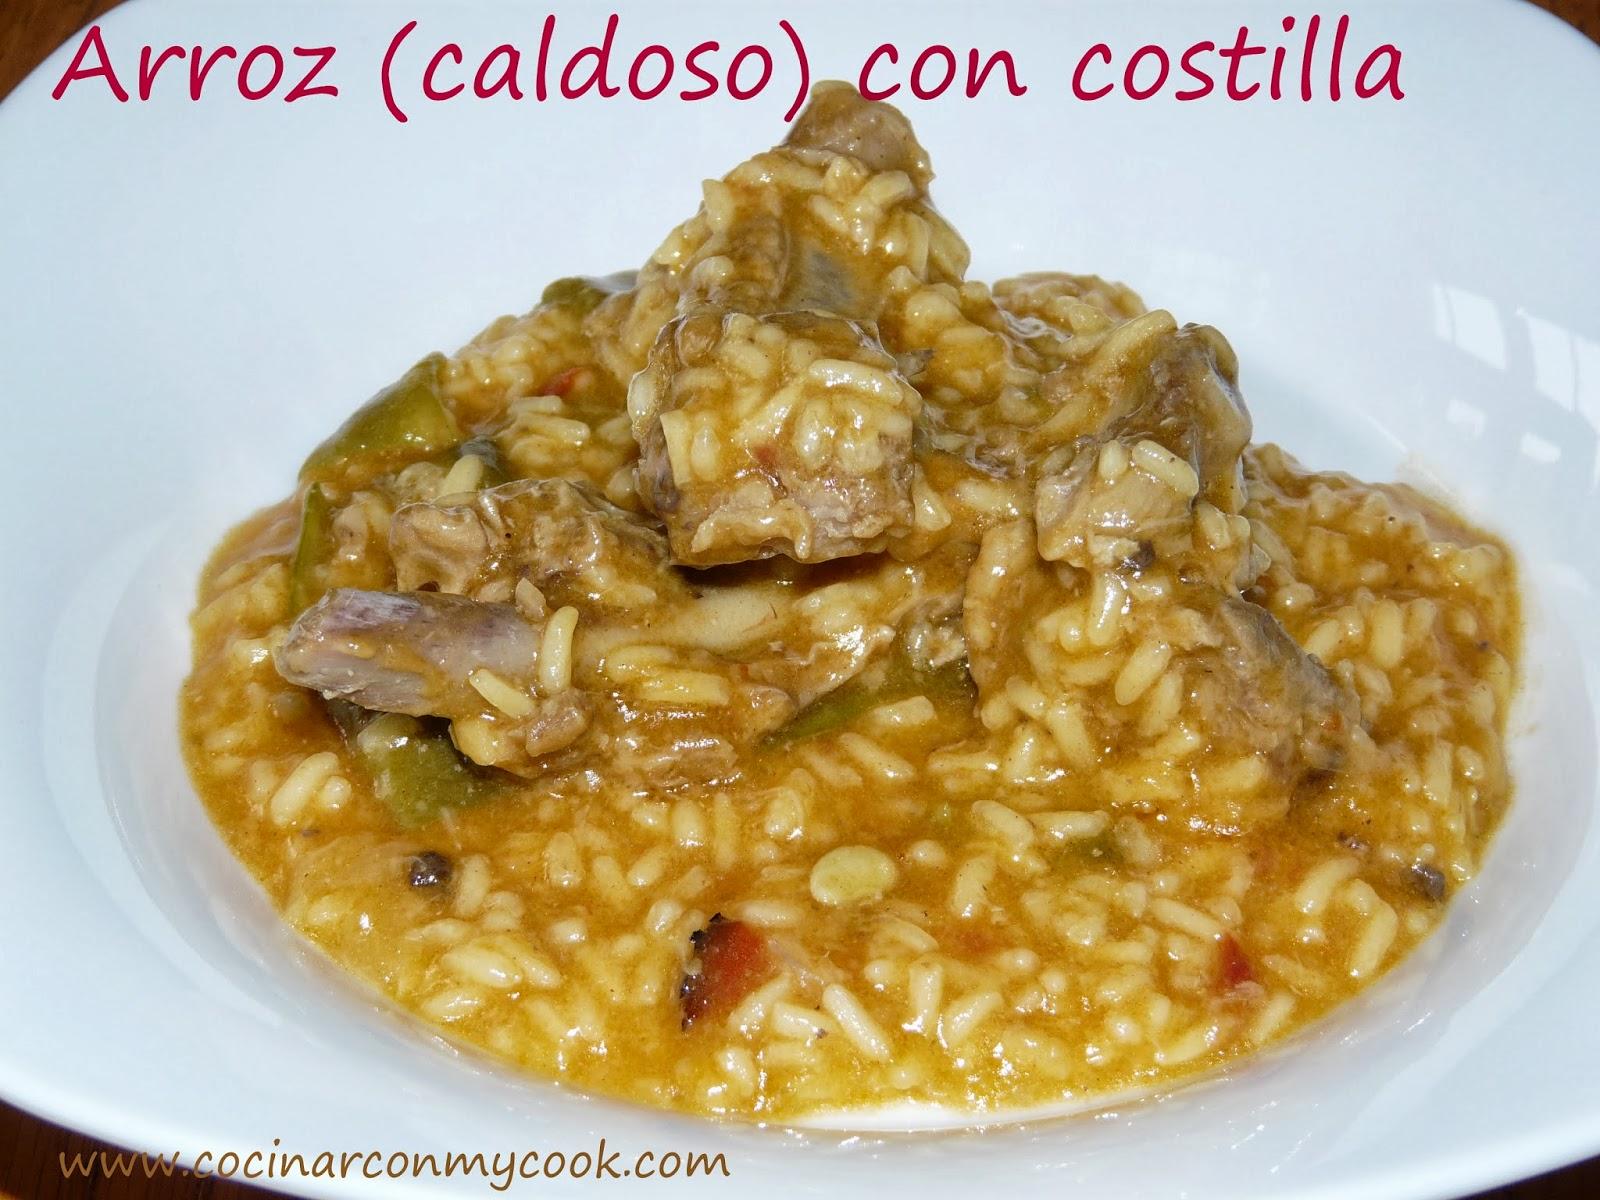 Cocinar con mycook arroz caldoso con costilla - Arroz caldoso con costillas y alcachofas ...